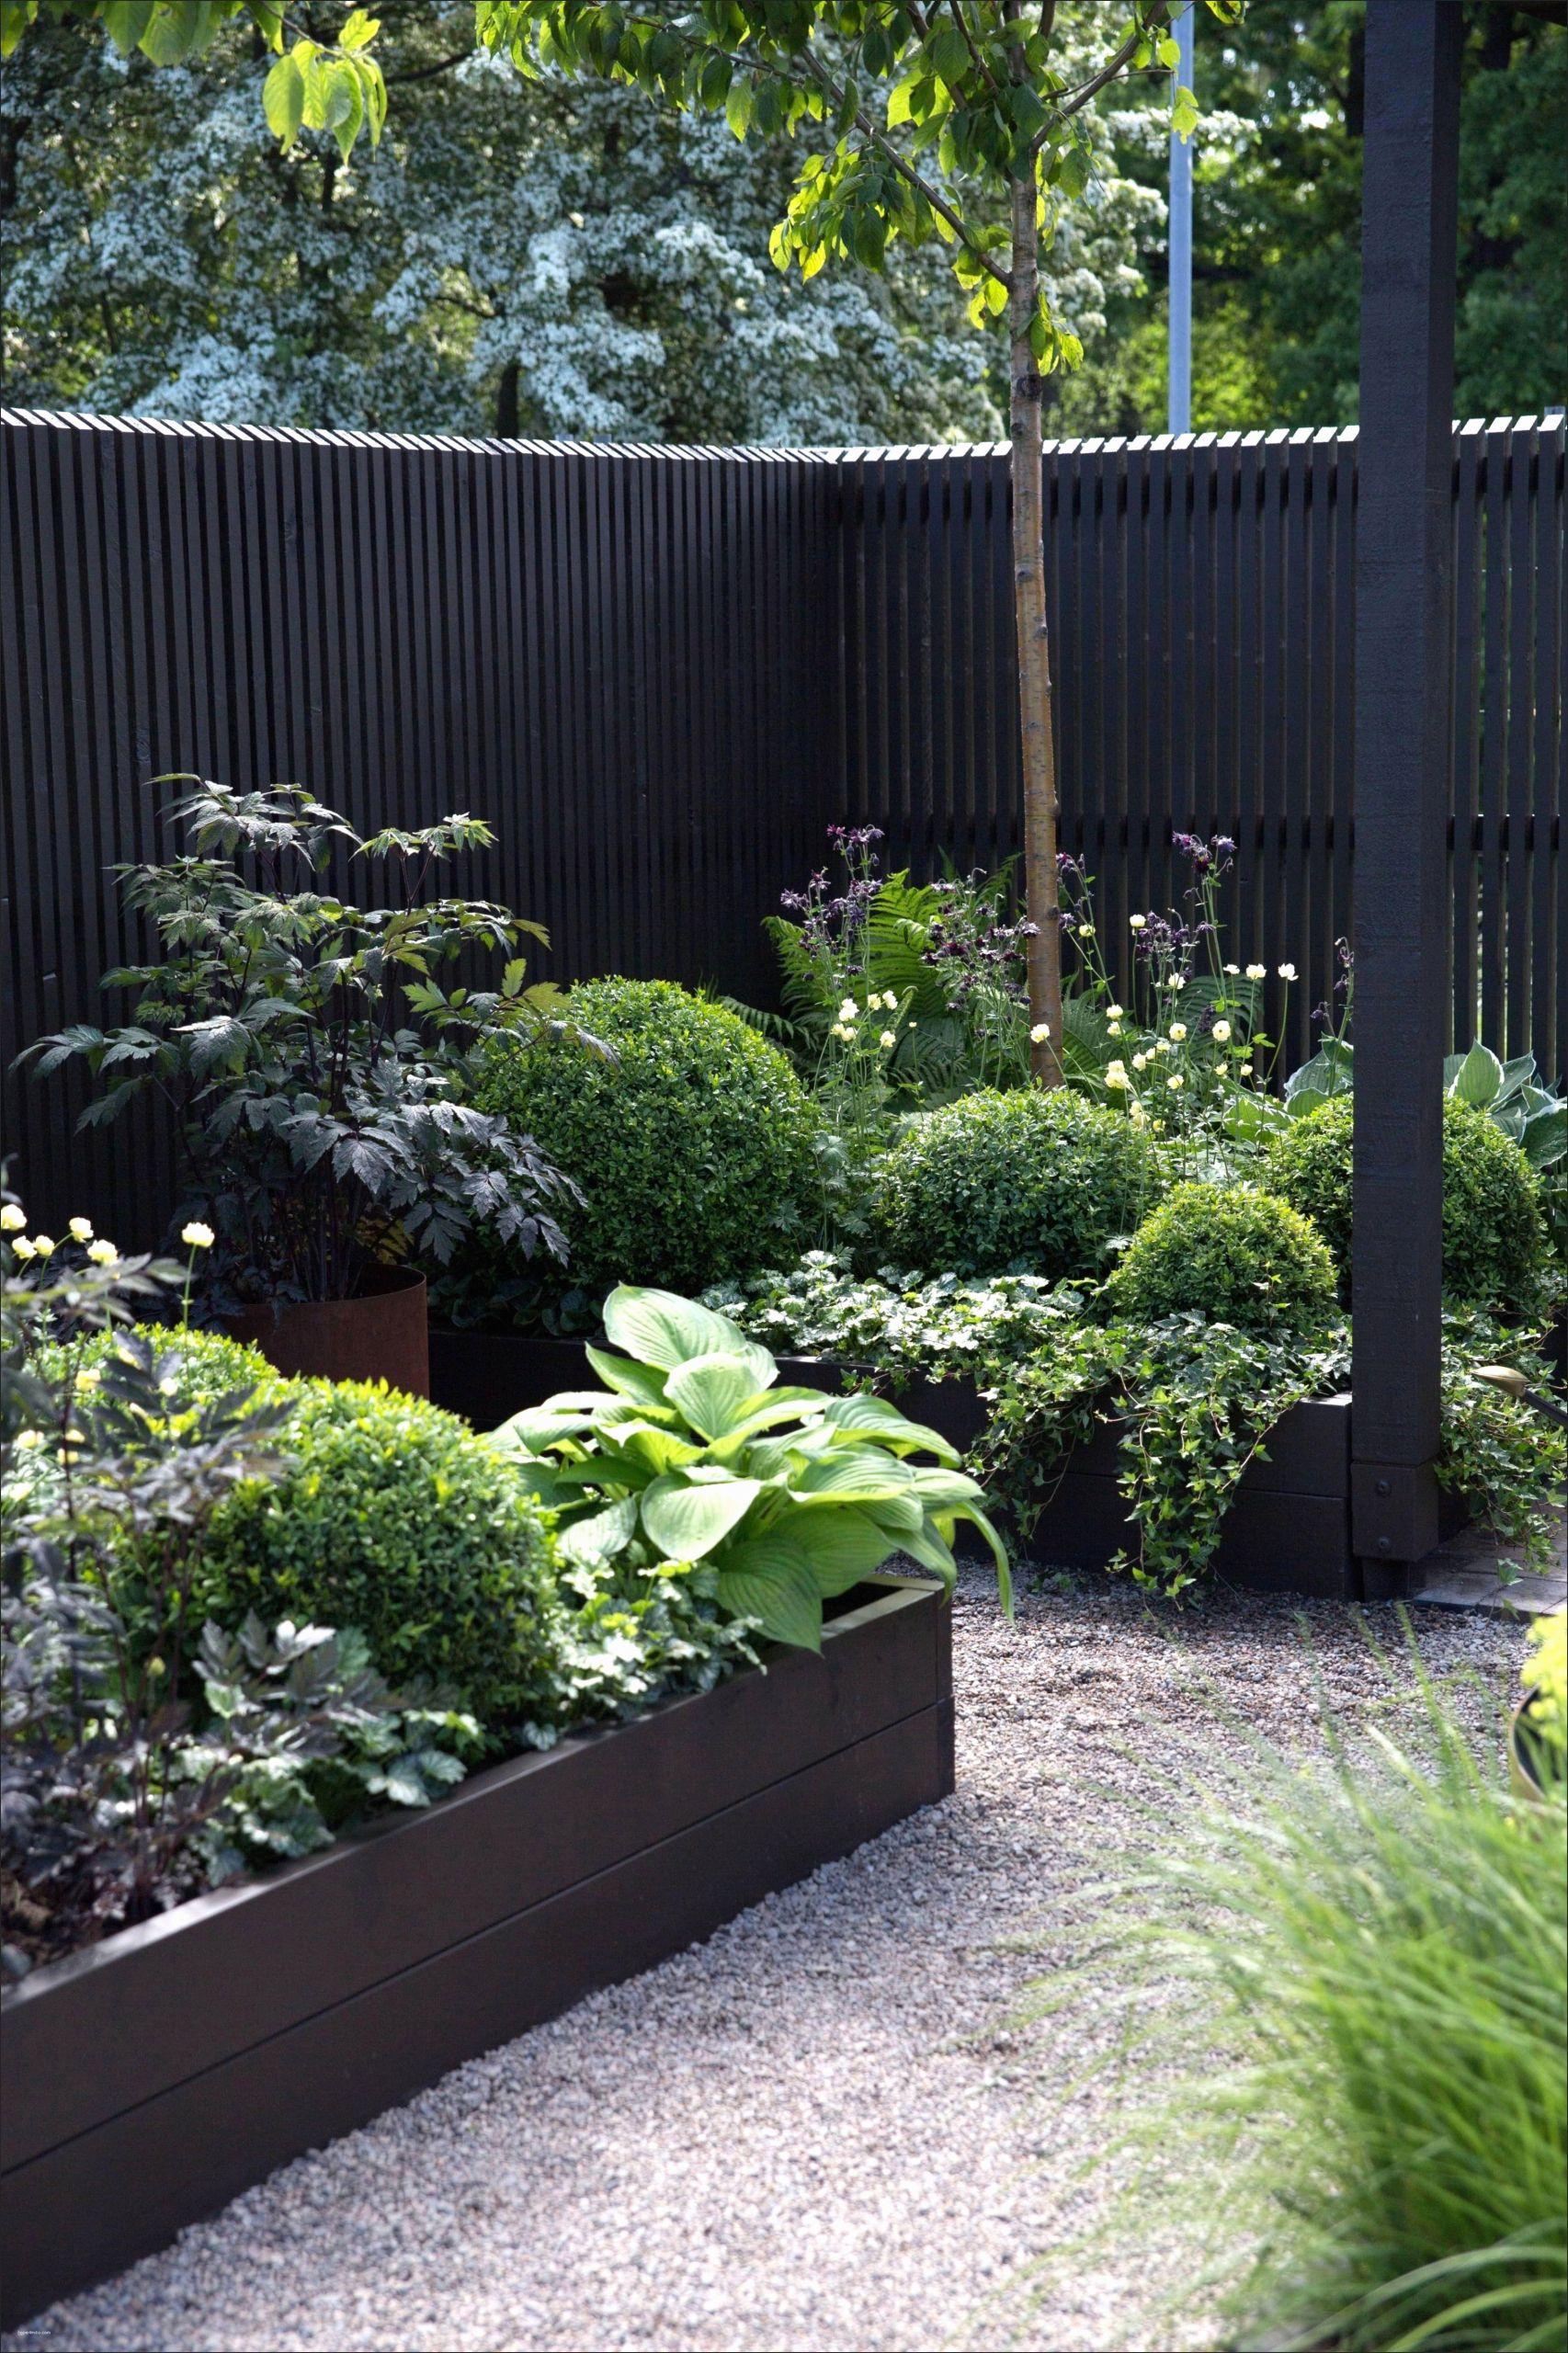 Ausgefallene Gartendeko Selber Machen Inspirierend Ausgefallene Gartendeko Selber Machen — Temobardz Home Blog